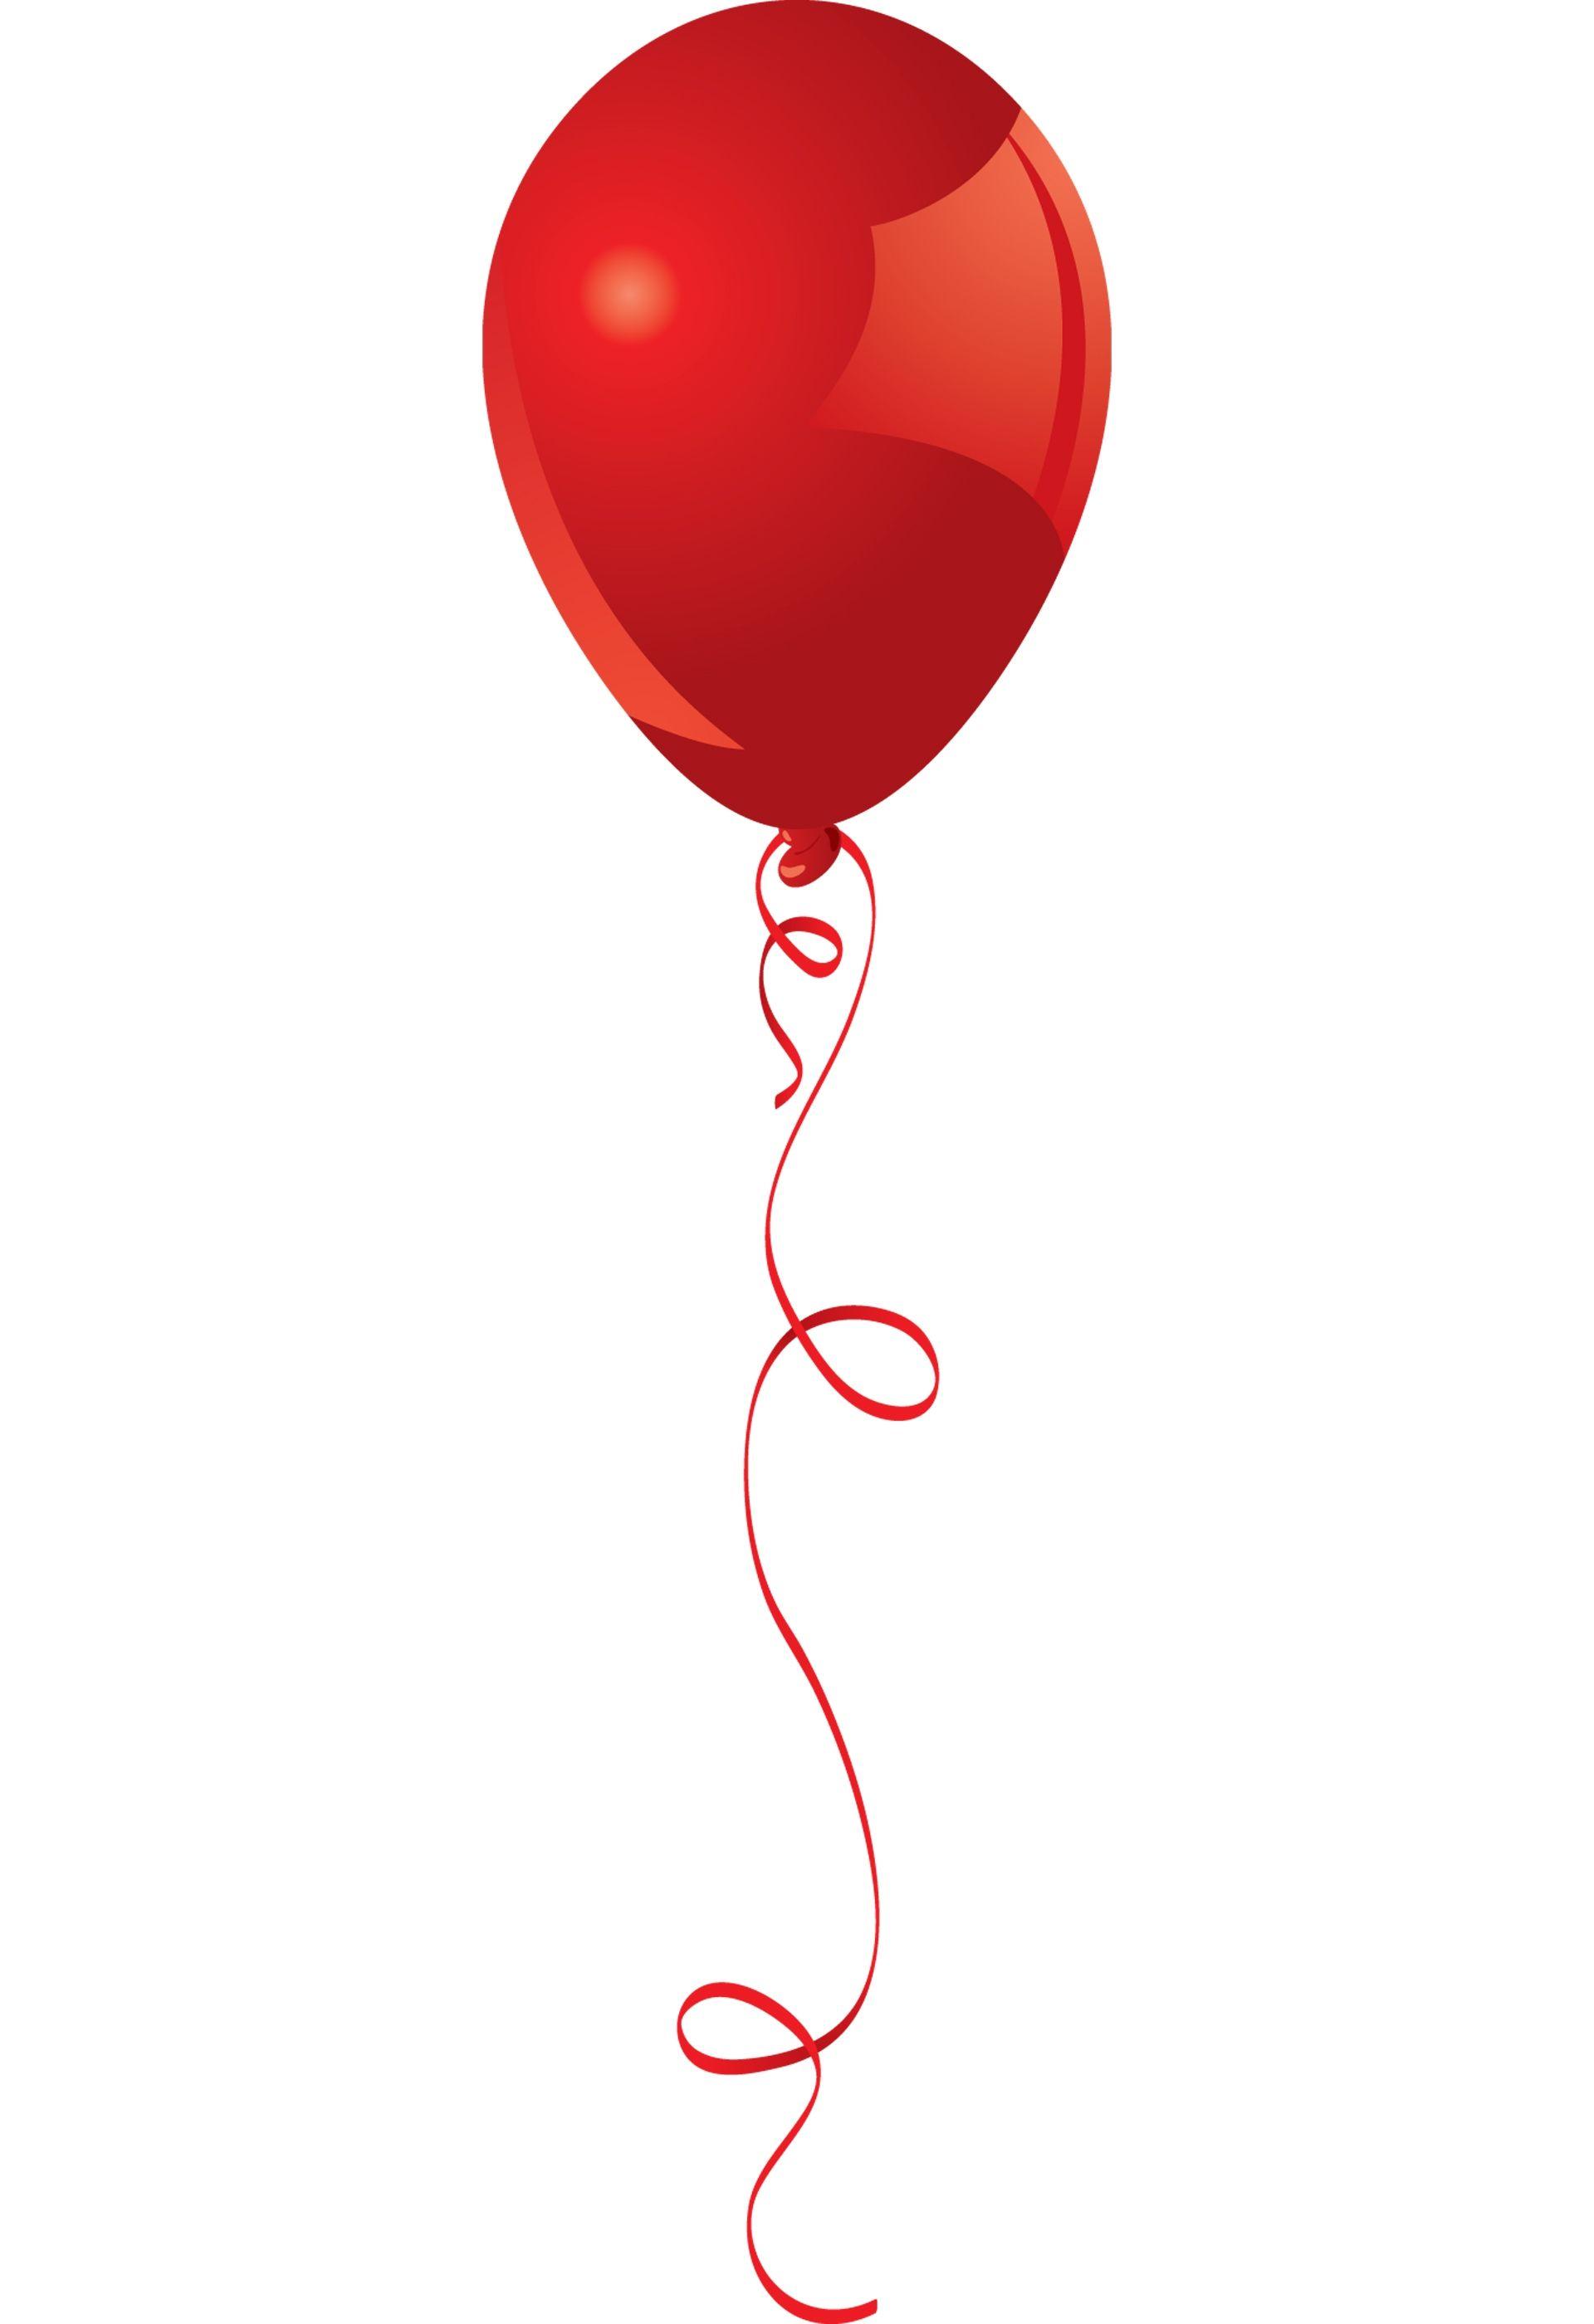 Red Balloons Need 98 More Heehee Red Balloon Balloon Tattoo Balloons